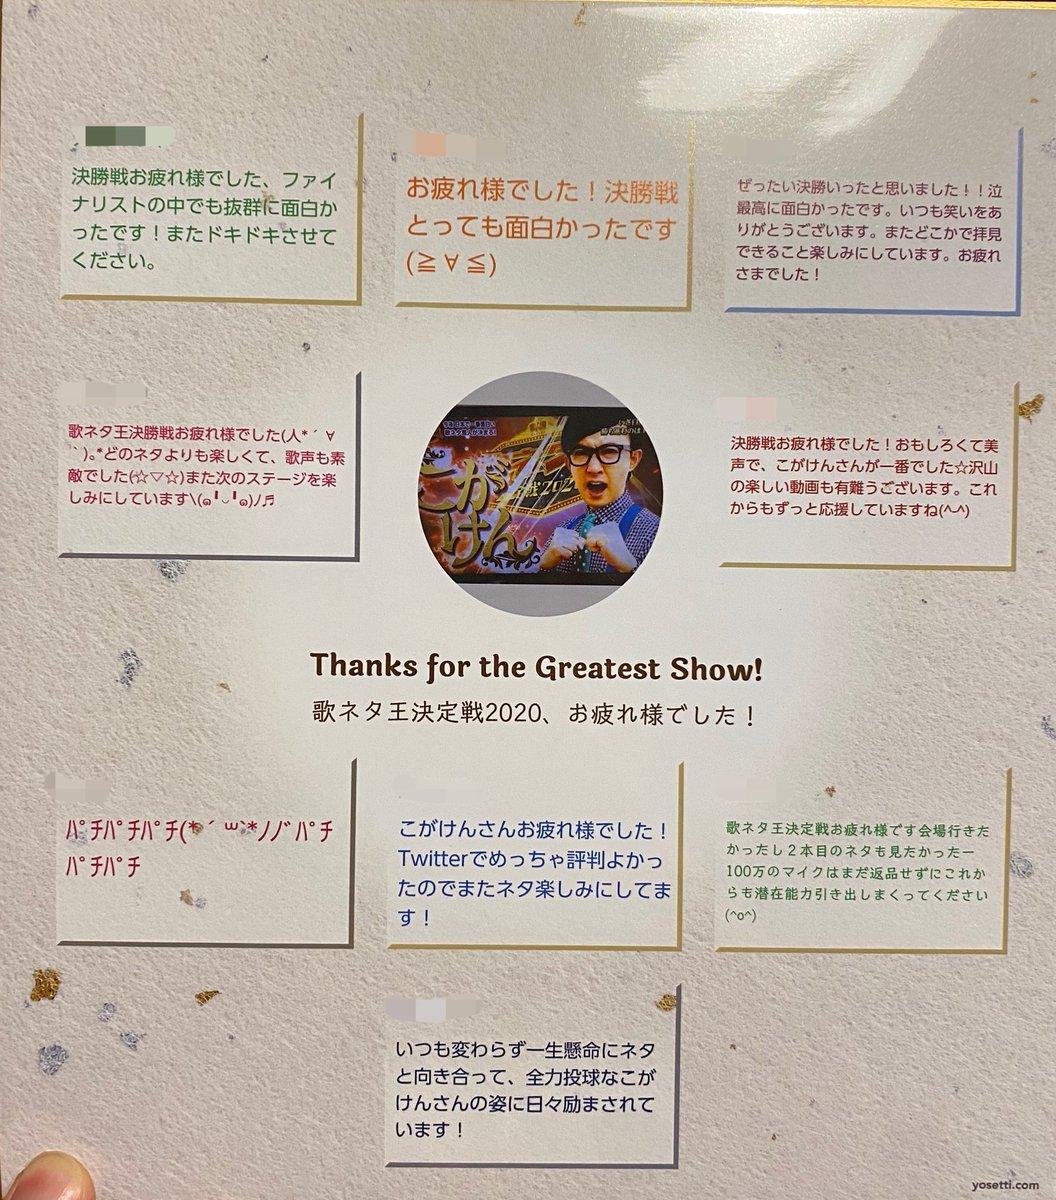 【歌ネタ王決定戦2020】の後、  こんな色紙をいただきました!!  ありがたい!!涙   分かりやすくテンション上がりました!!  感謝!!  ファンに支えられてる〝こがけん〟です!!  こがけん、少なくともファンが9人はいるぞー!  あと、  寄せ書きが進化しるぞー! https://t.co/QKP0GzgFWx